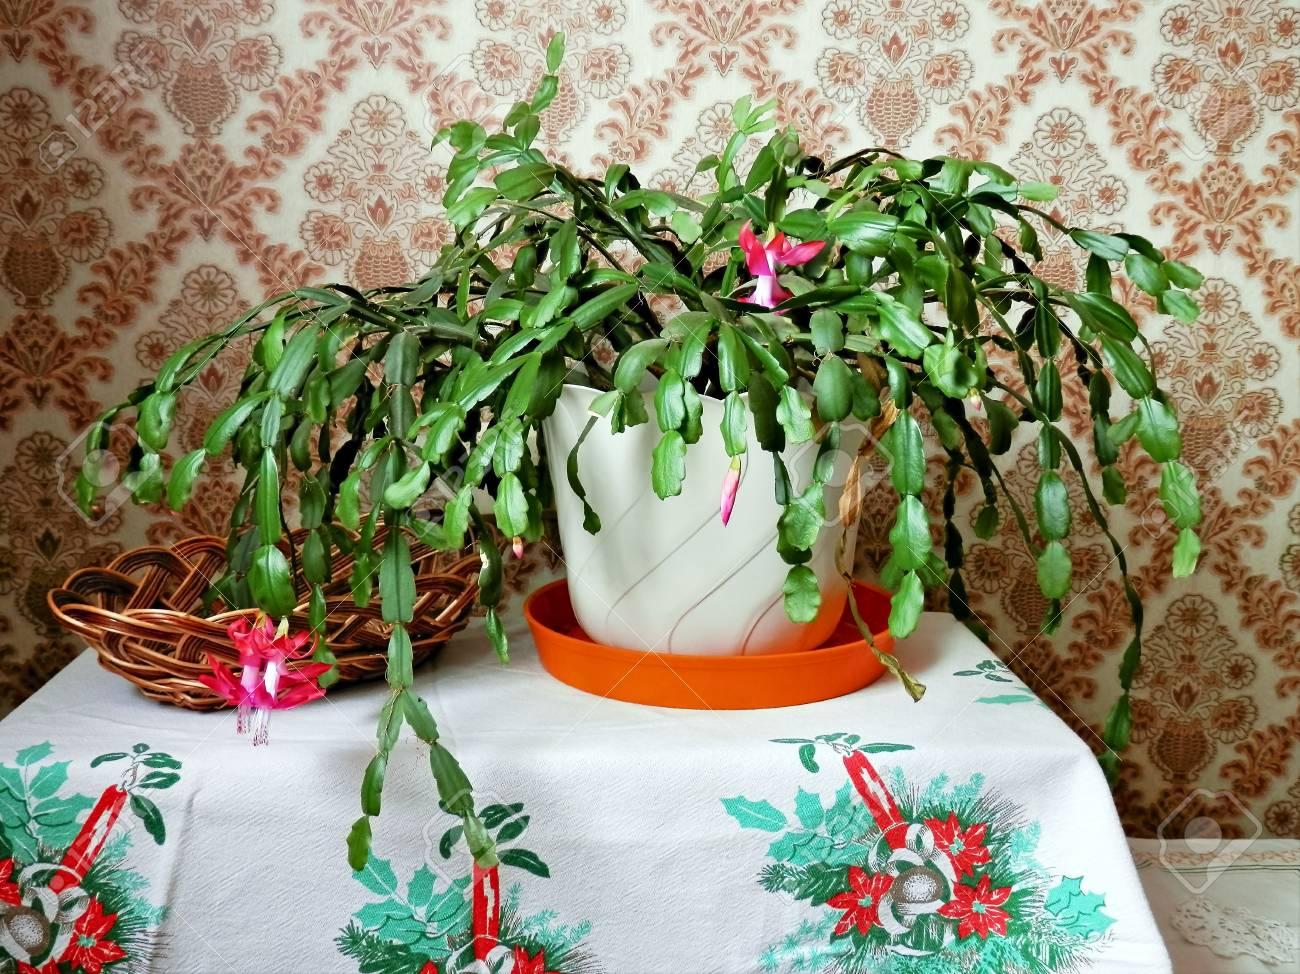 Cactus Di Natale.Durante Il Cactus Di Natale Di Fioritura Delle Piante E La Sua Tempistica E Sorprendente